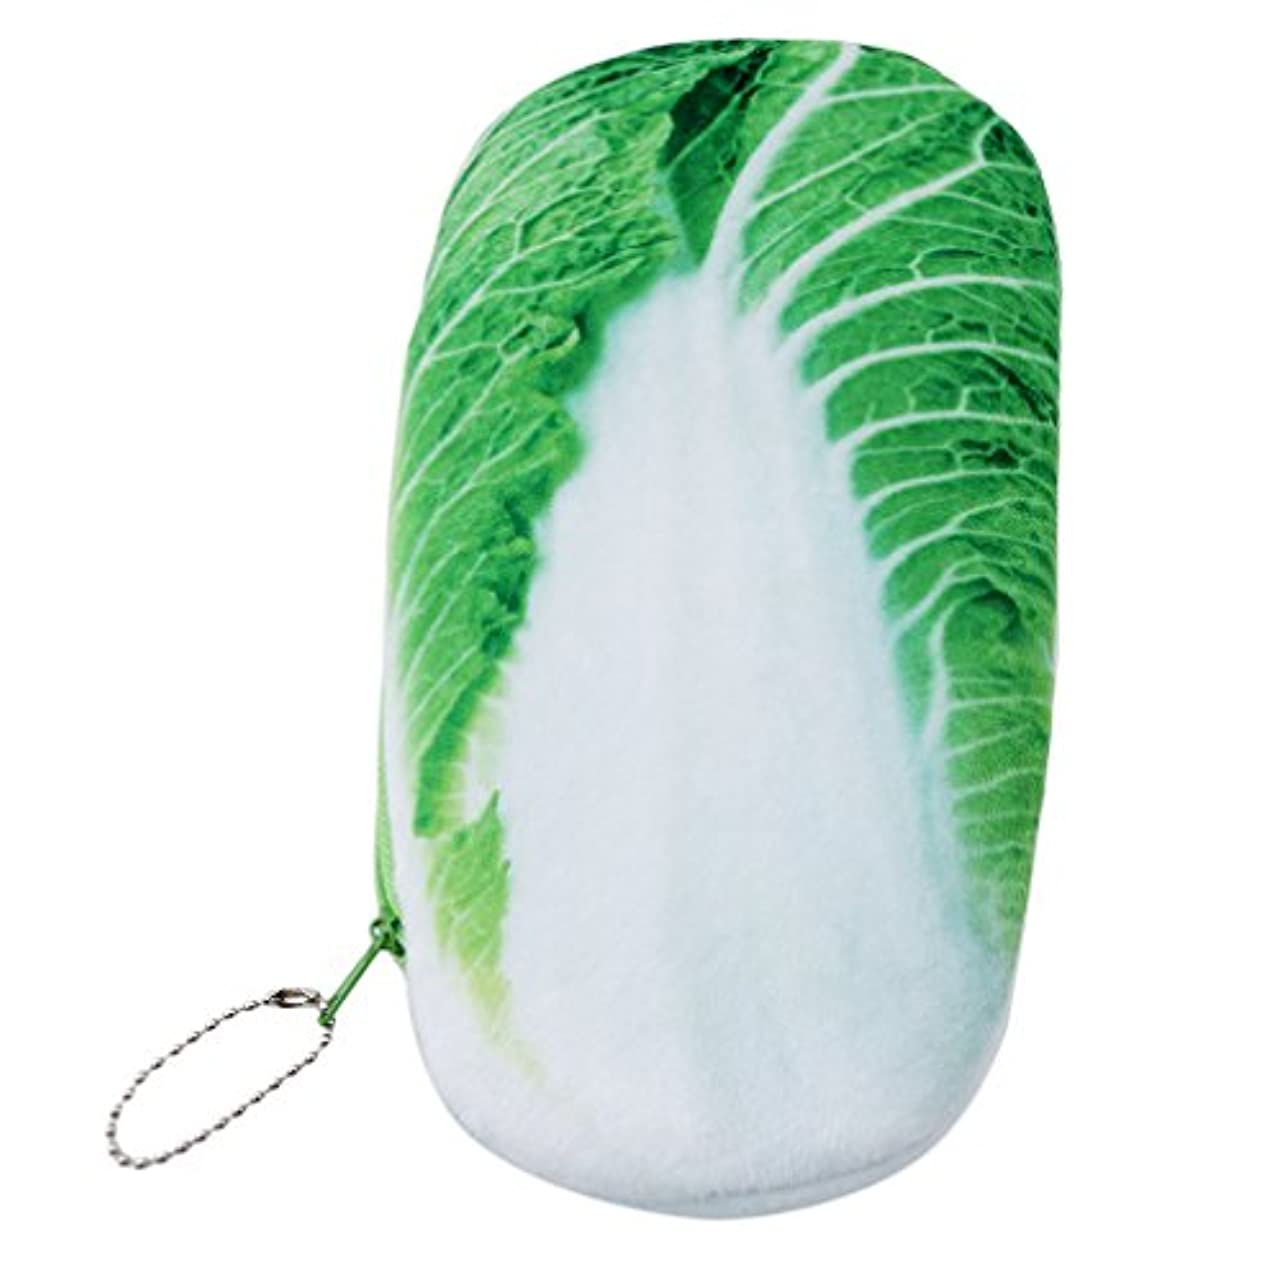 津波振幅ハードウェアKLUMA 財布 化粧ポーチ 軽量 おしゃれ シンプル かわいい 文芸 多機能 小物収納 野菜形 独特デザイン 人気でかわいい